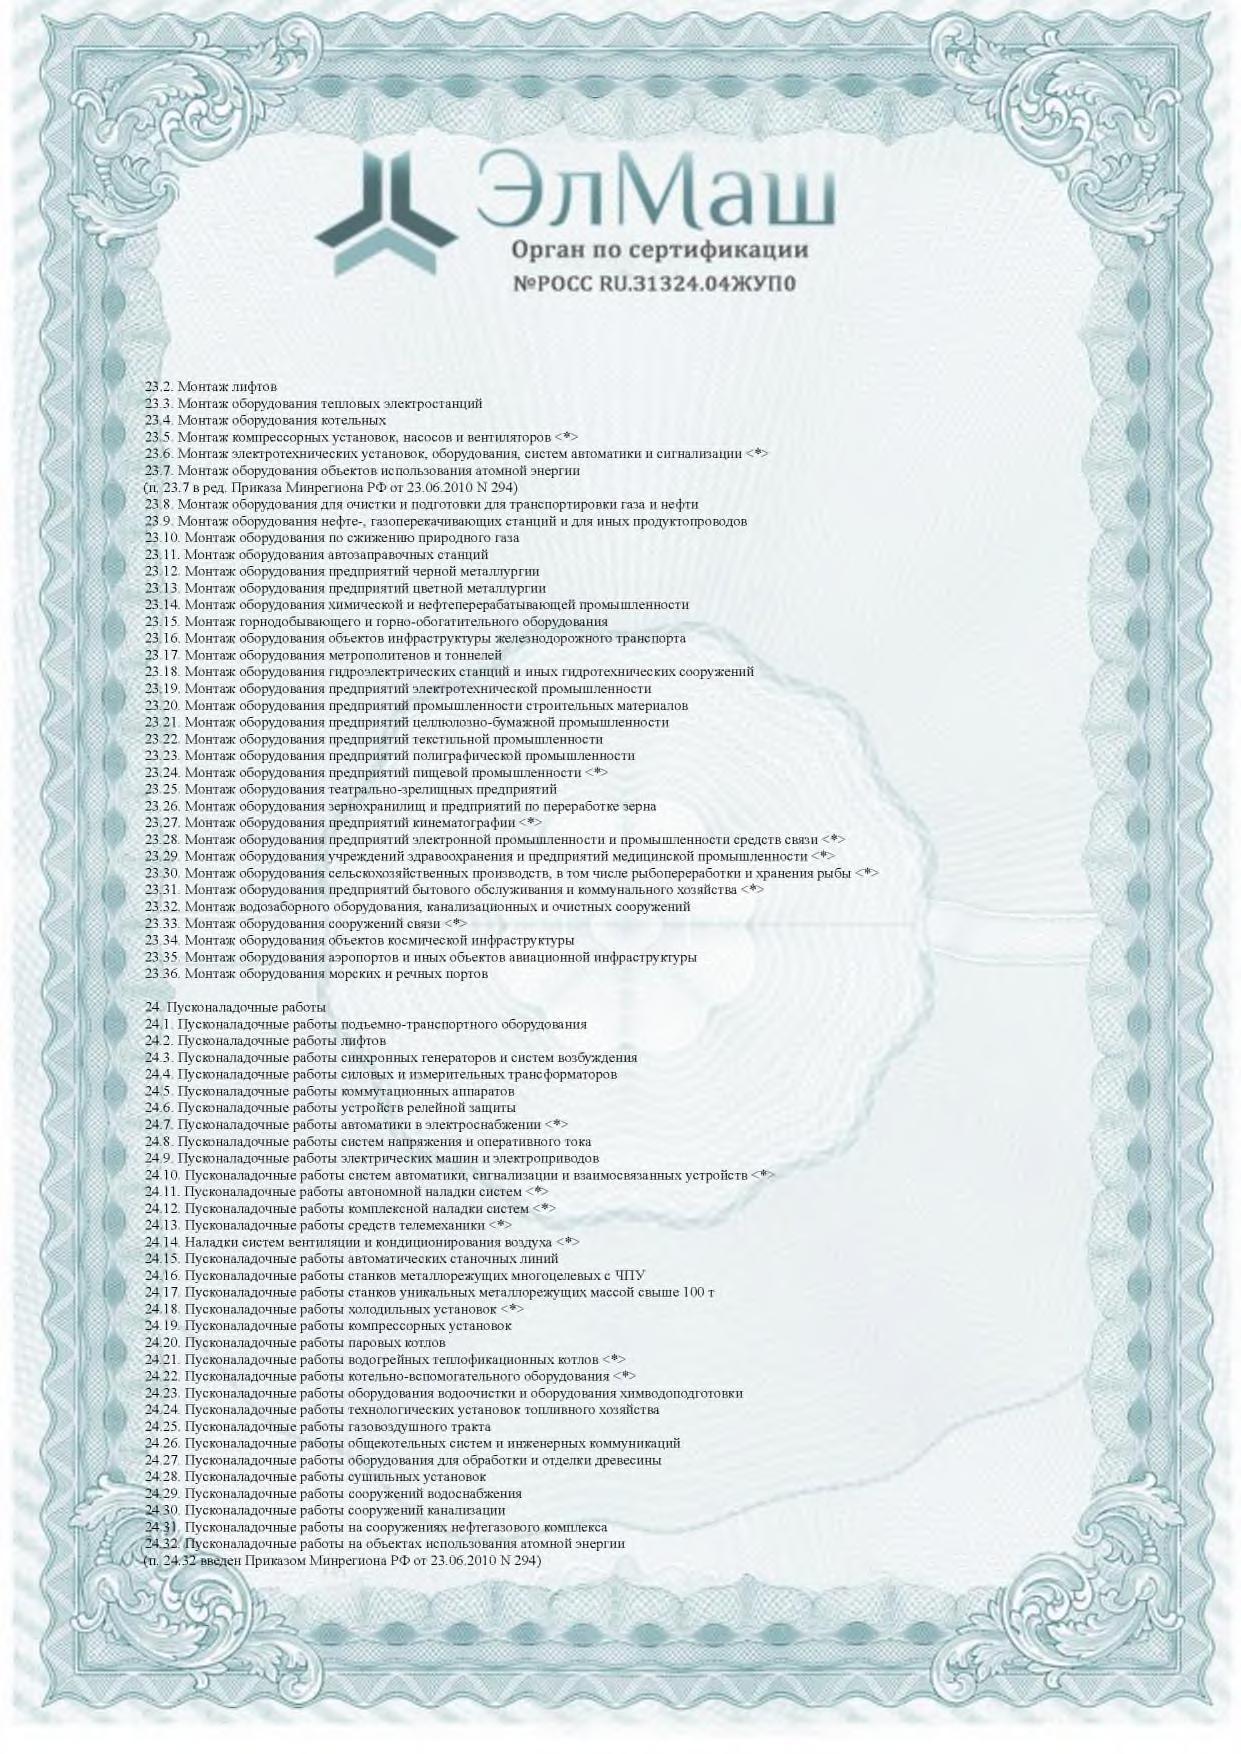 Приложение к сертификату виды работ по строительству и капитальному ремонту стр 4